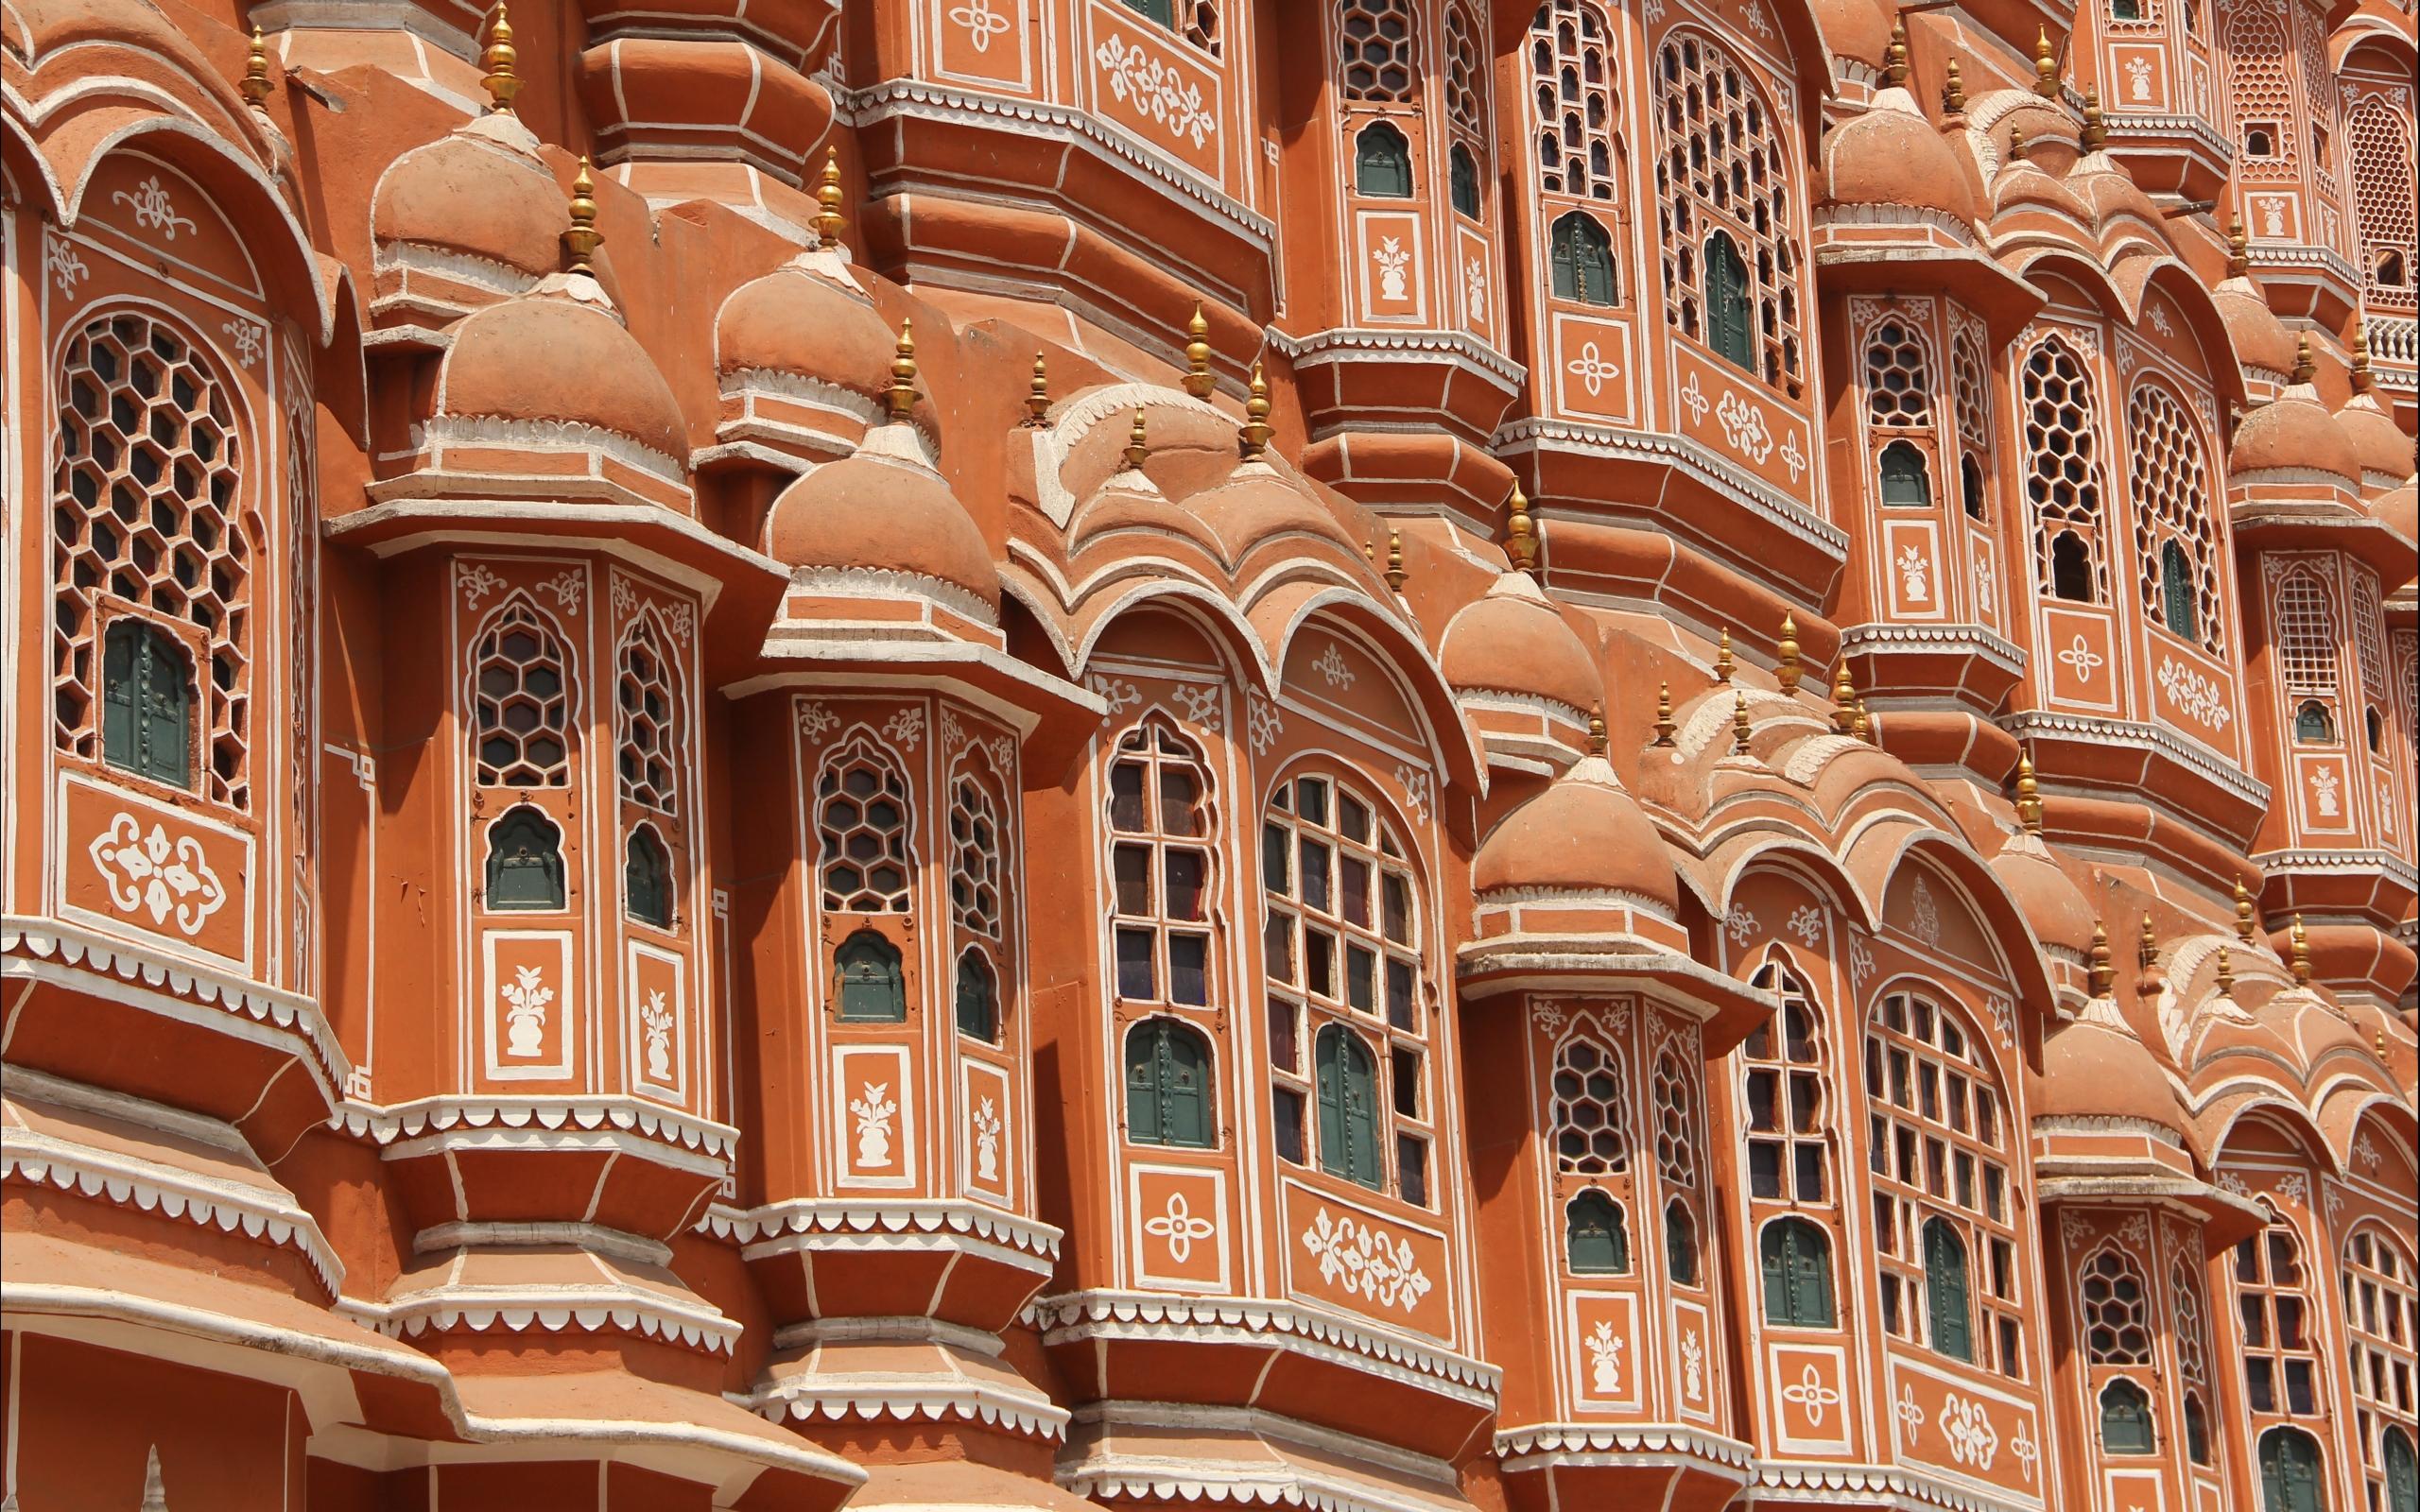 Hawa Mahal Hd Images: Hawa Mahal Fond D'écran HD